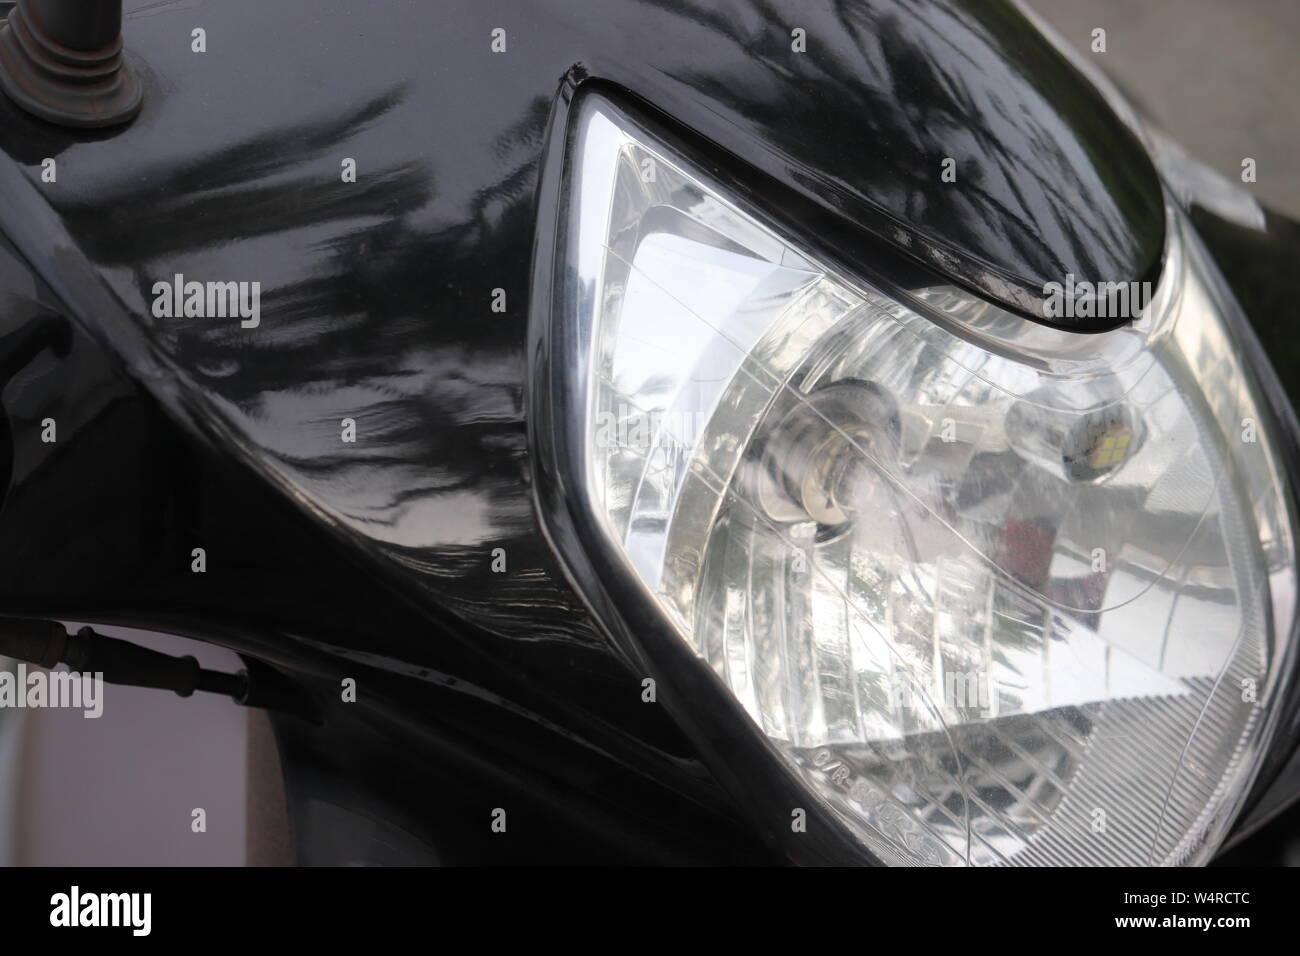 Auto Stiefel stockbild. Bild von geöffnet, fahrer, rückseite